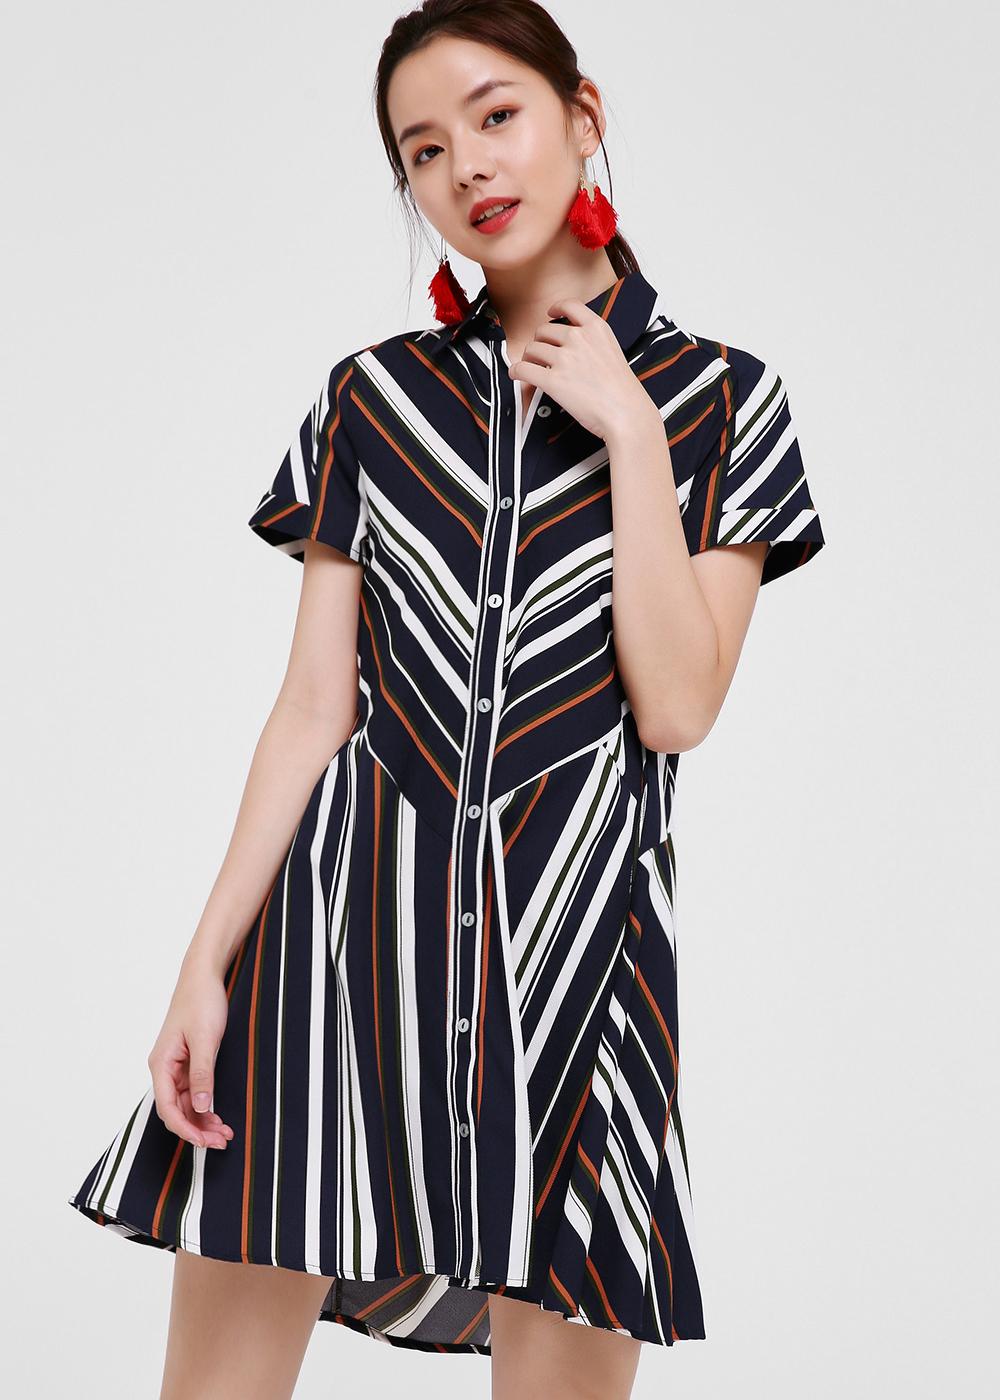 Tessa Button Down Shirt Dress